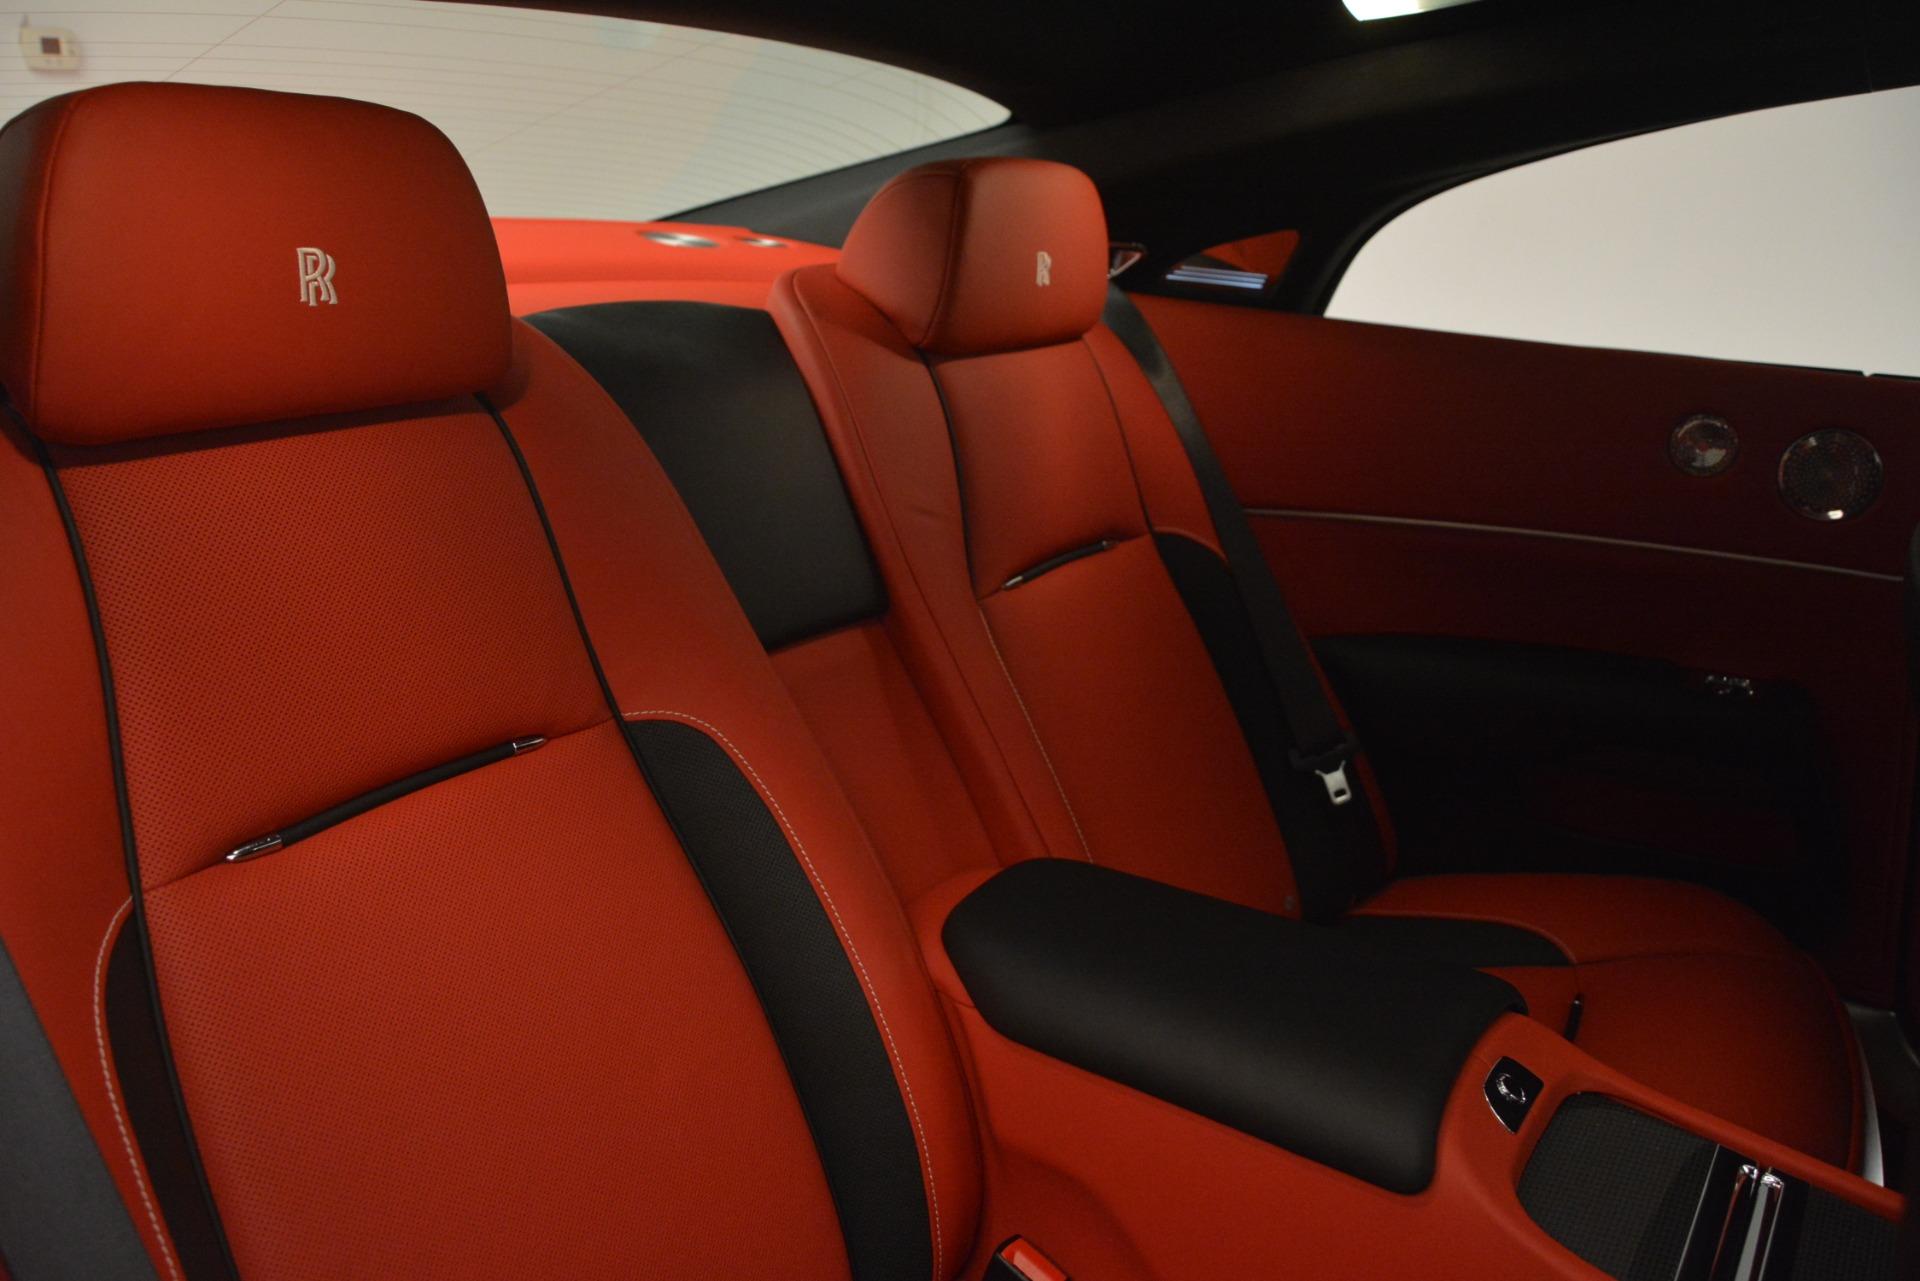 New 2019 Rolls Royce Wraith